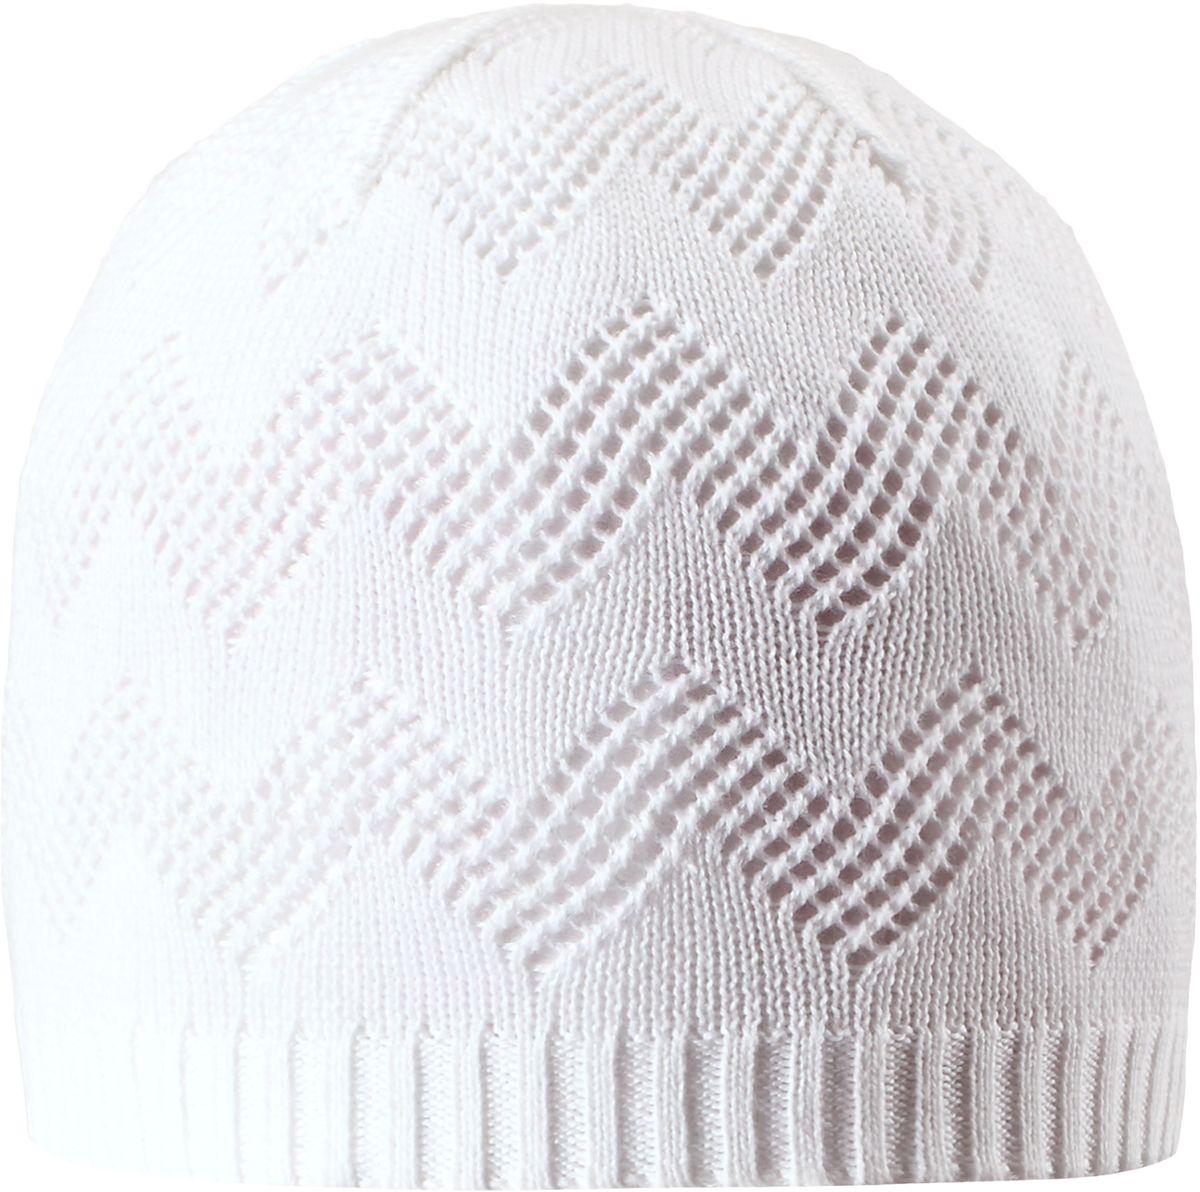 Шапка для девочки Reima Piranja, цвет: белый. 5285280100. Размер 525285280100Детская шапка станет превосходным выбором в межсезонье, в ней можно и поиграть во дворе, и прогуляться по городу. Изготовлена из мягкого и комфортного вязаного хлопка. Эта симпатичная облегченная модель без подкладки идеально подходит для солнечной погоды.